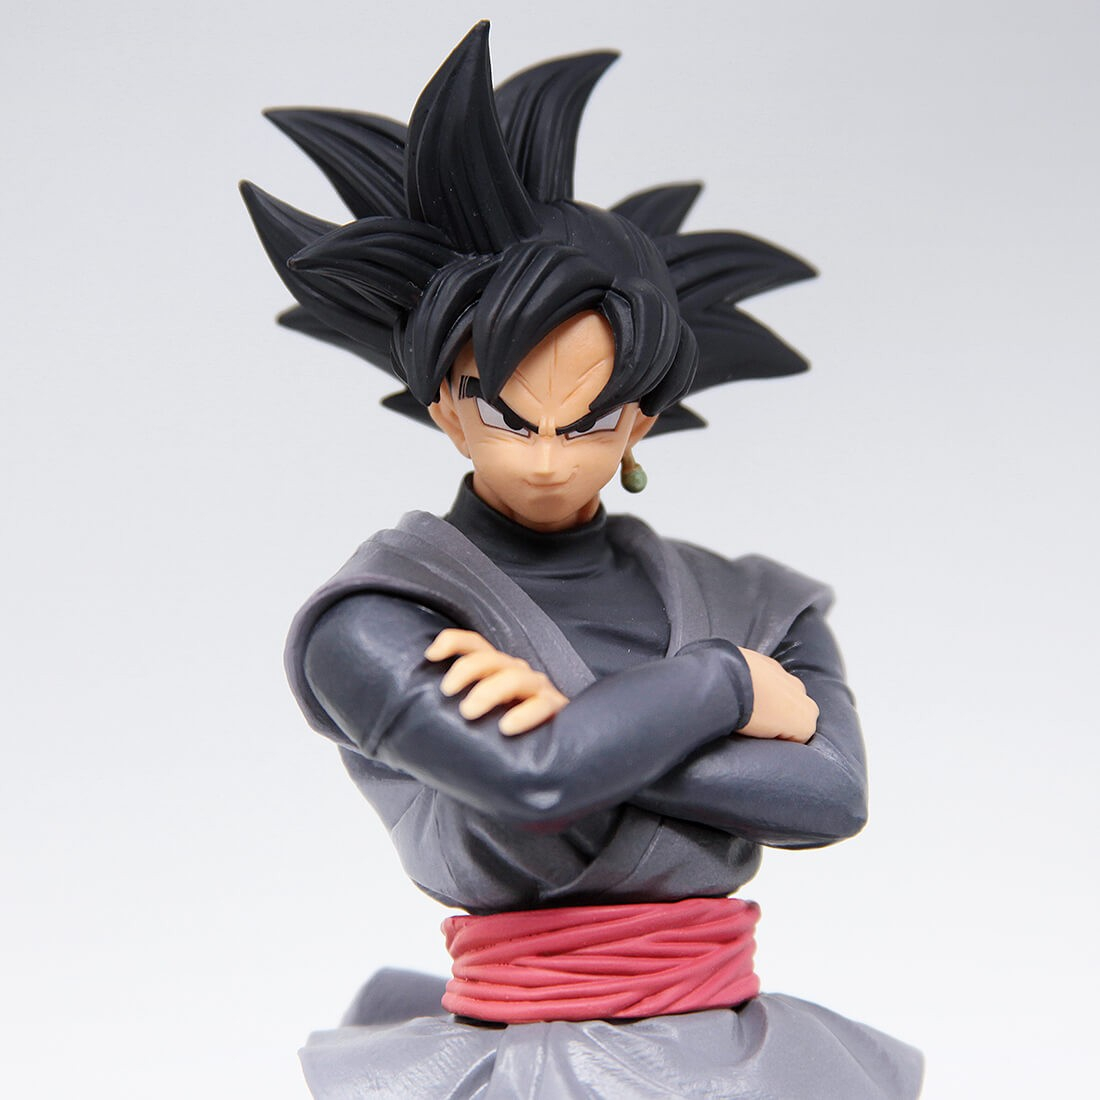 Banpresto Dragon Ball Super Chosenshi Retsuden 2 Vol. 2 Goku Black